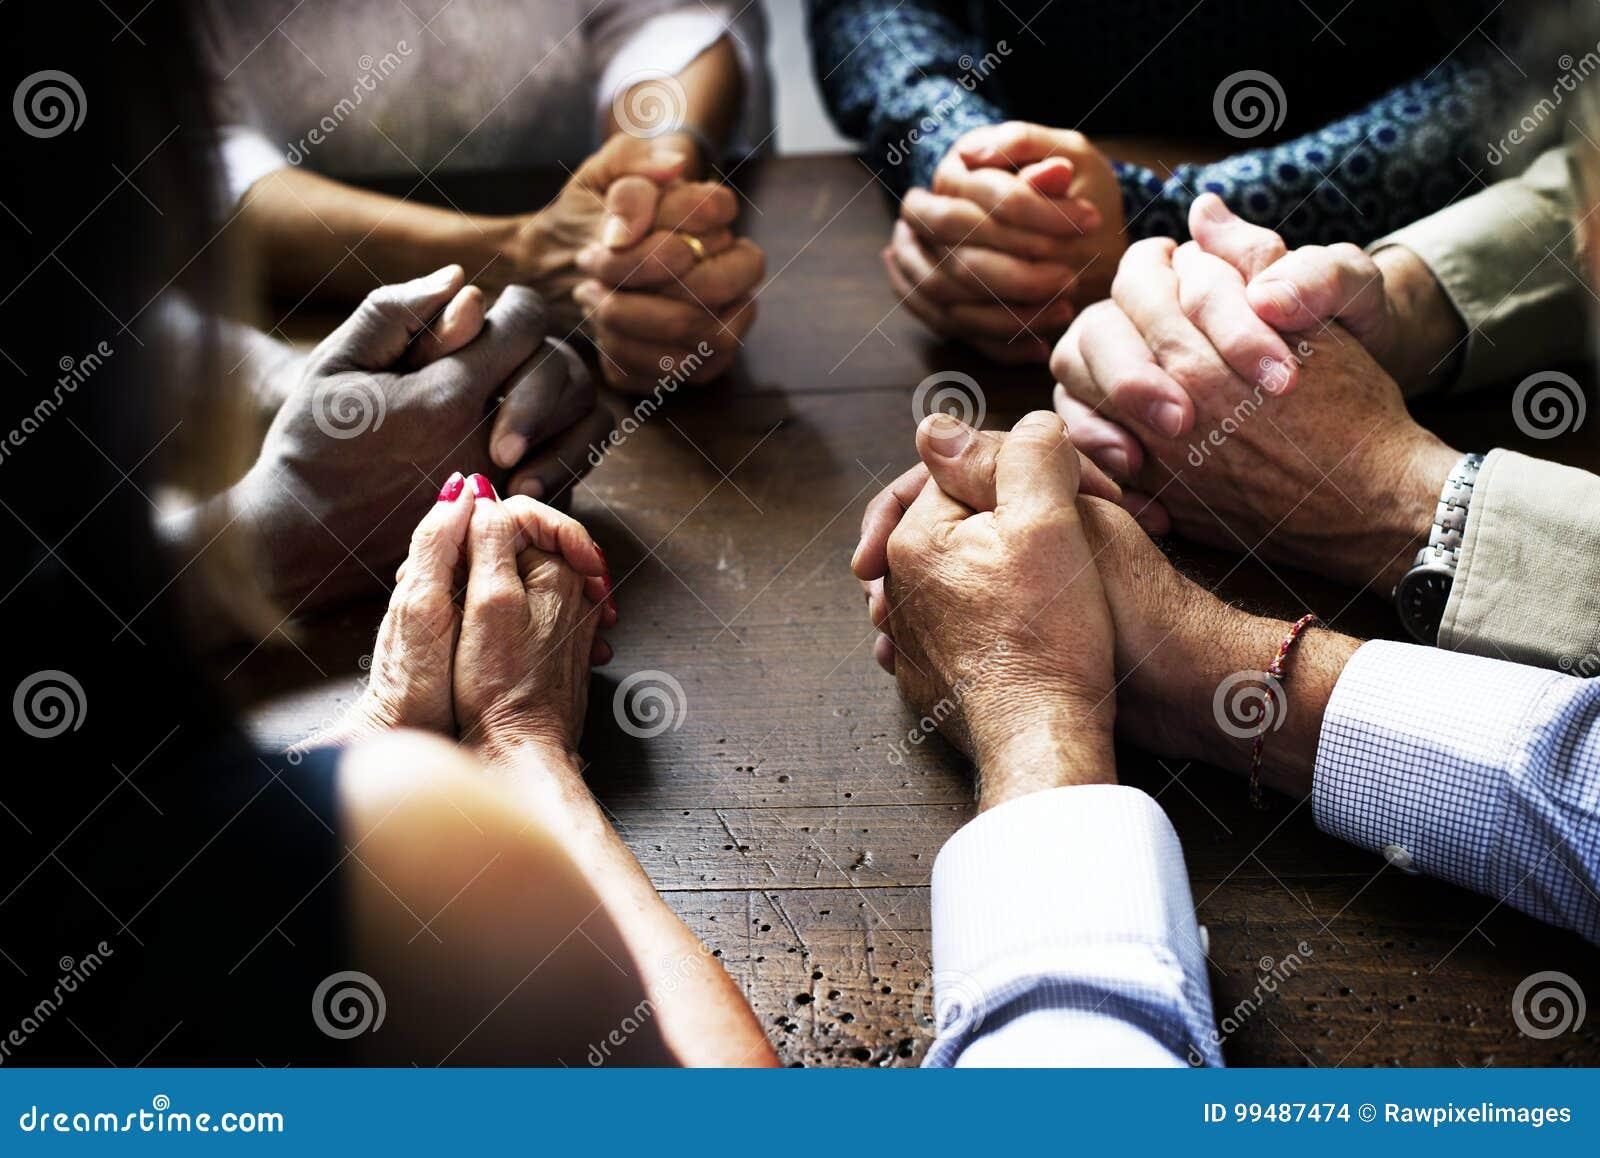 小组基督徒人民一起祈祷